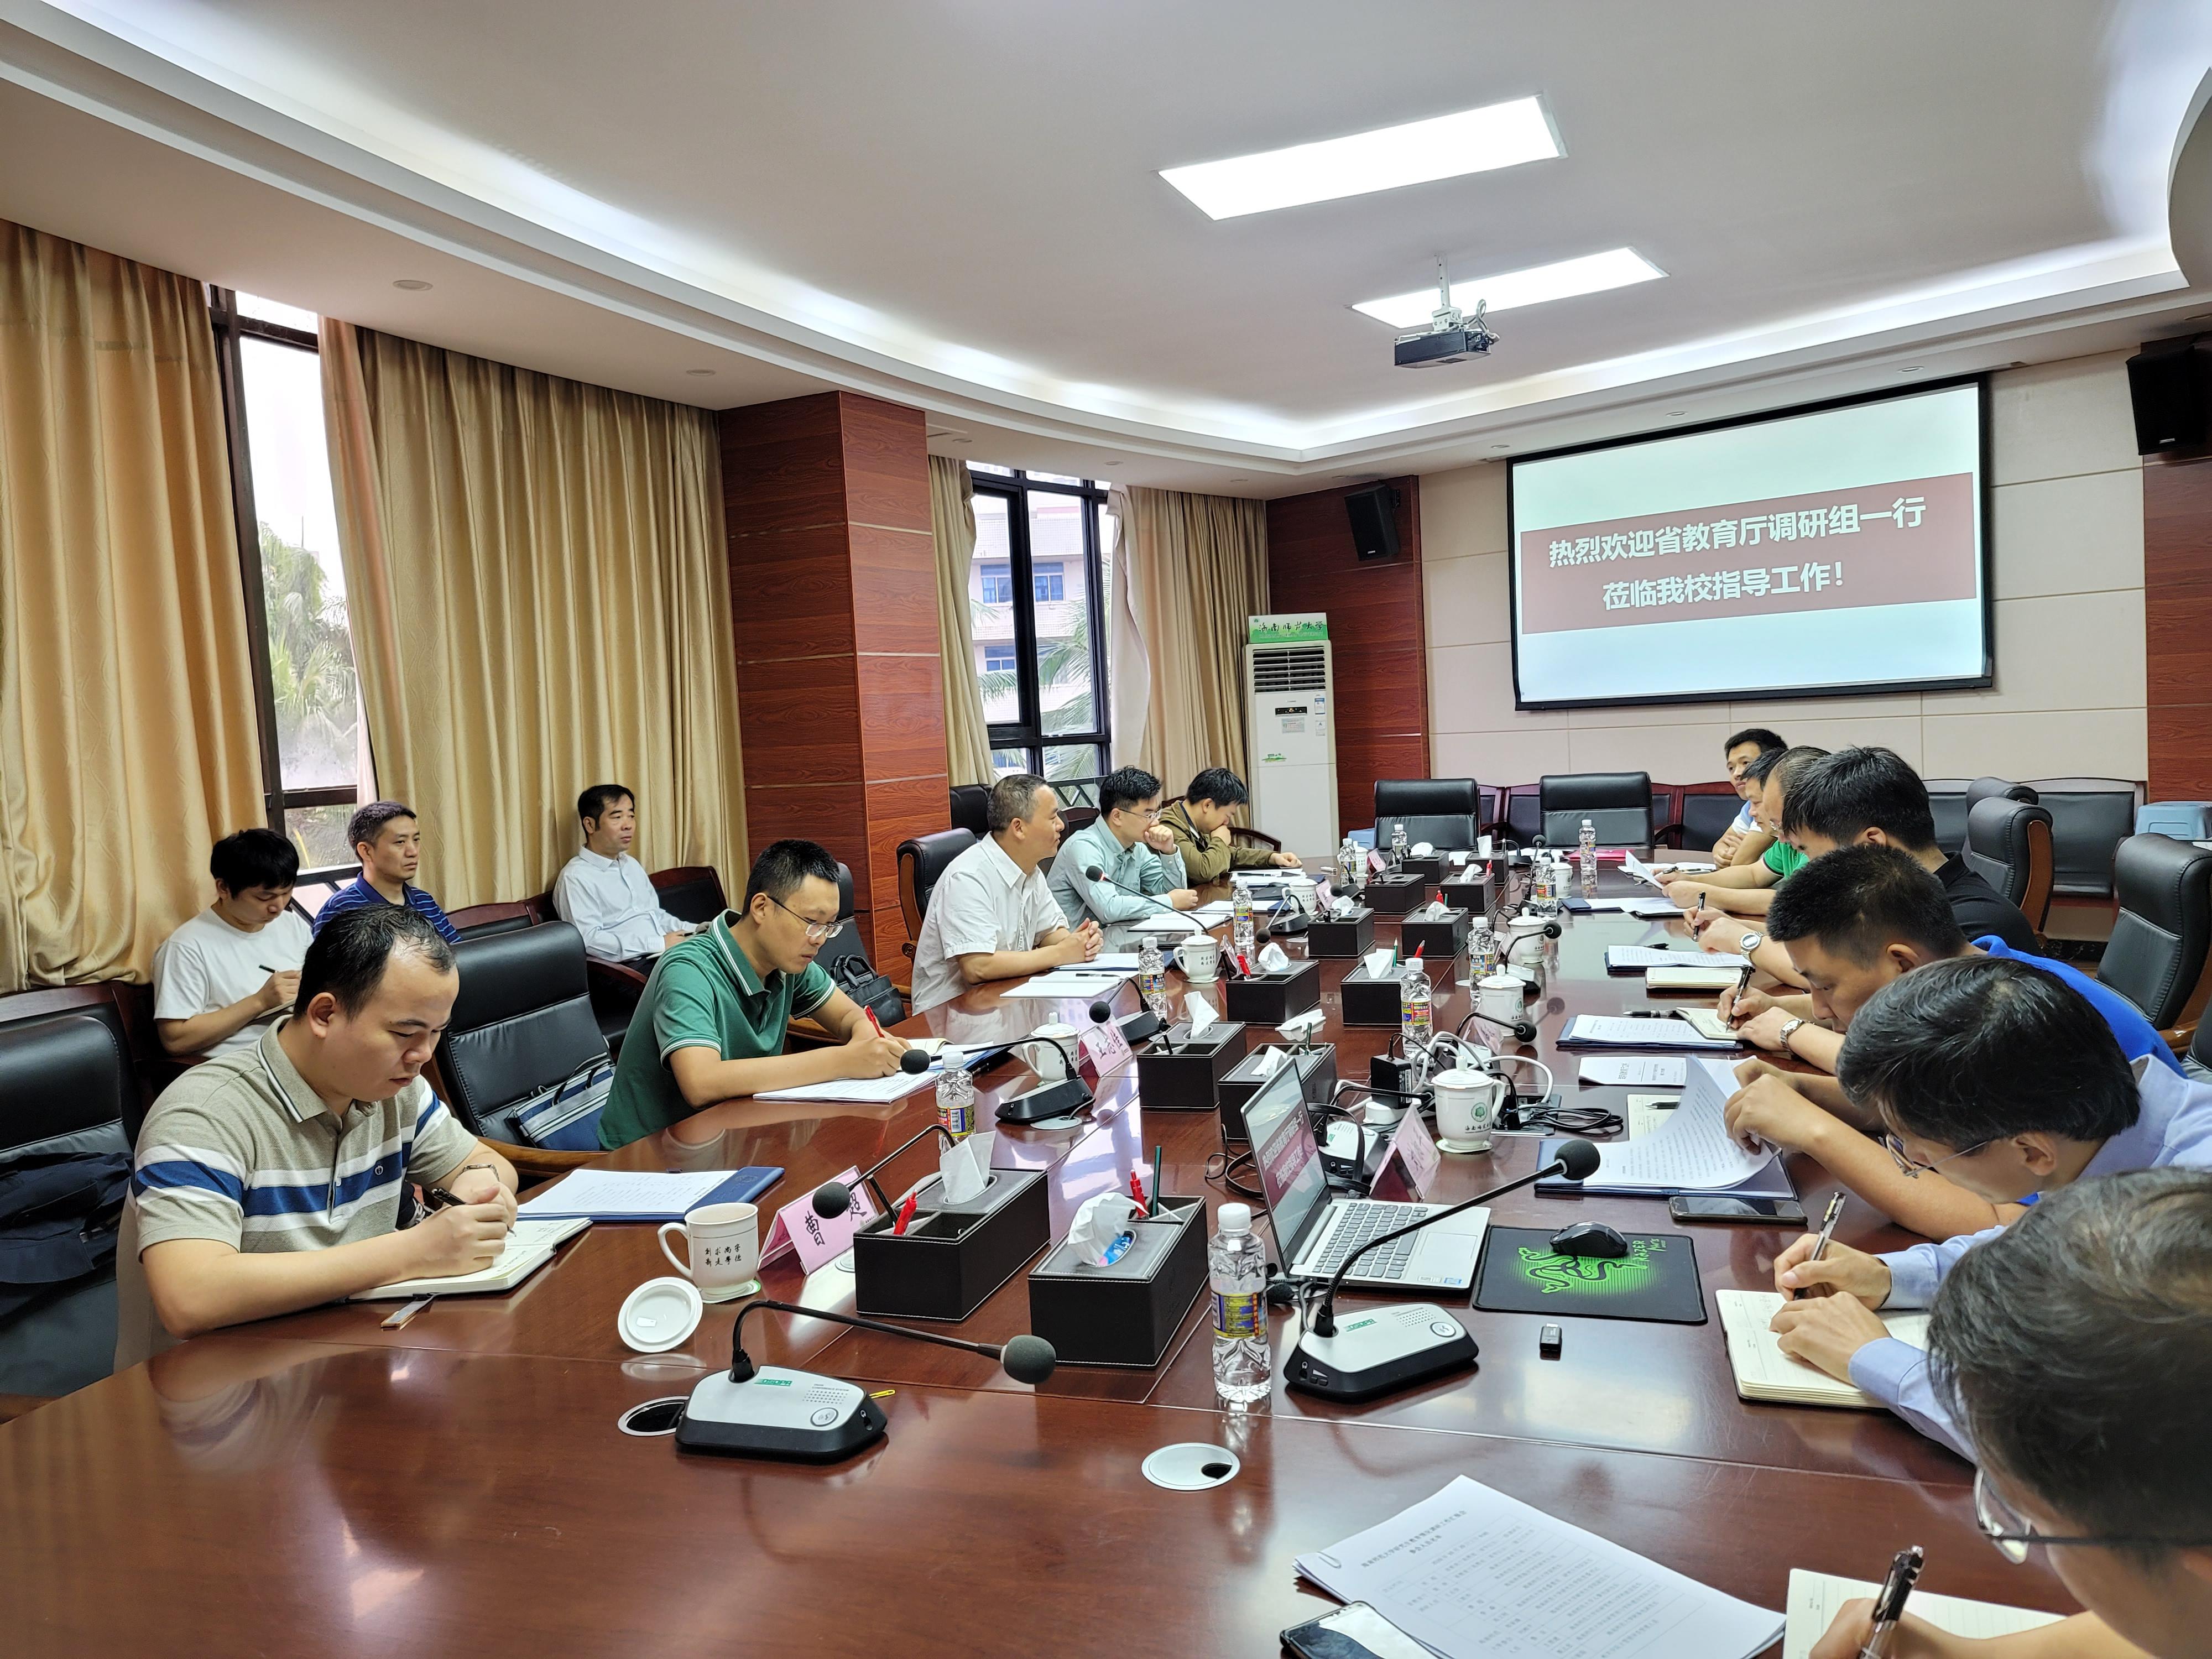 海南省教育廳調研組來我校開展研究生教育情況調研工作